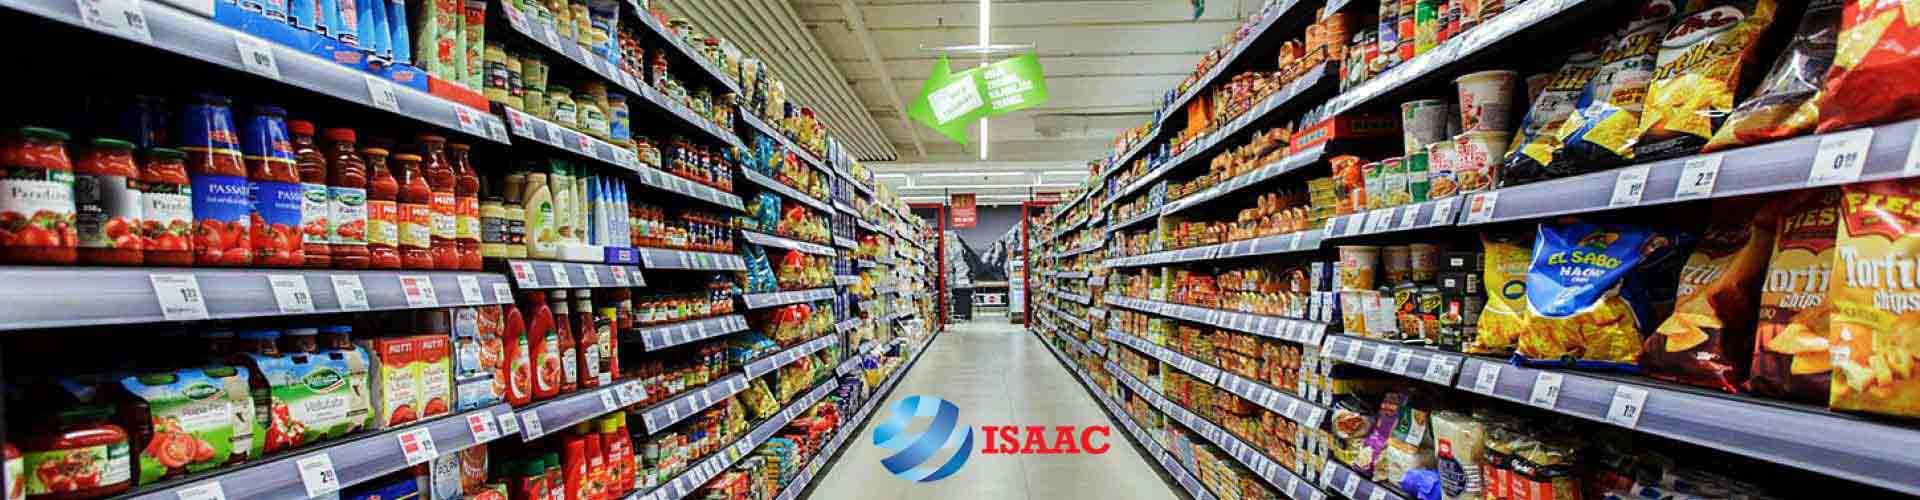 lợi ích khi mua sắm tại các siêu thị mini